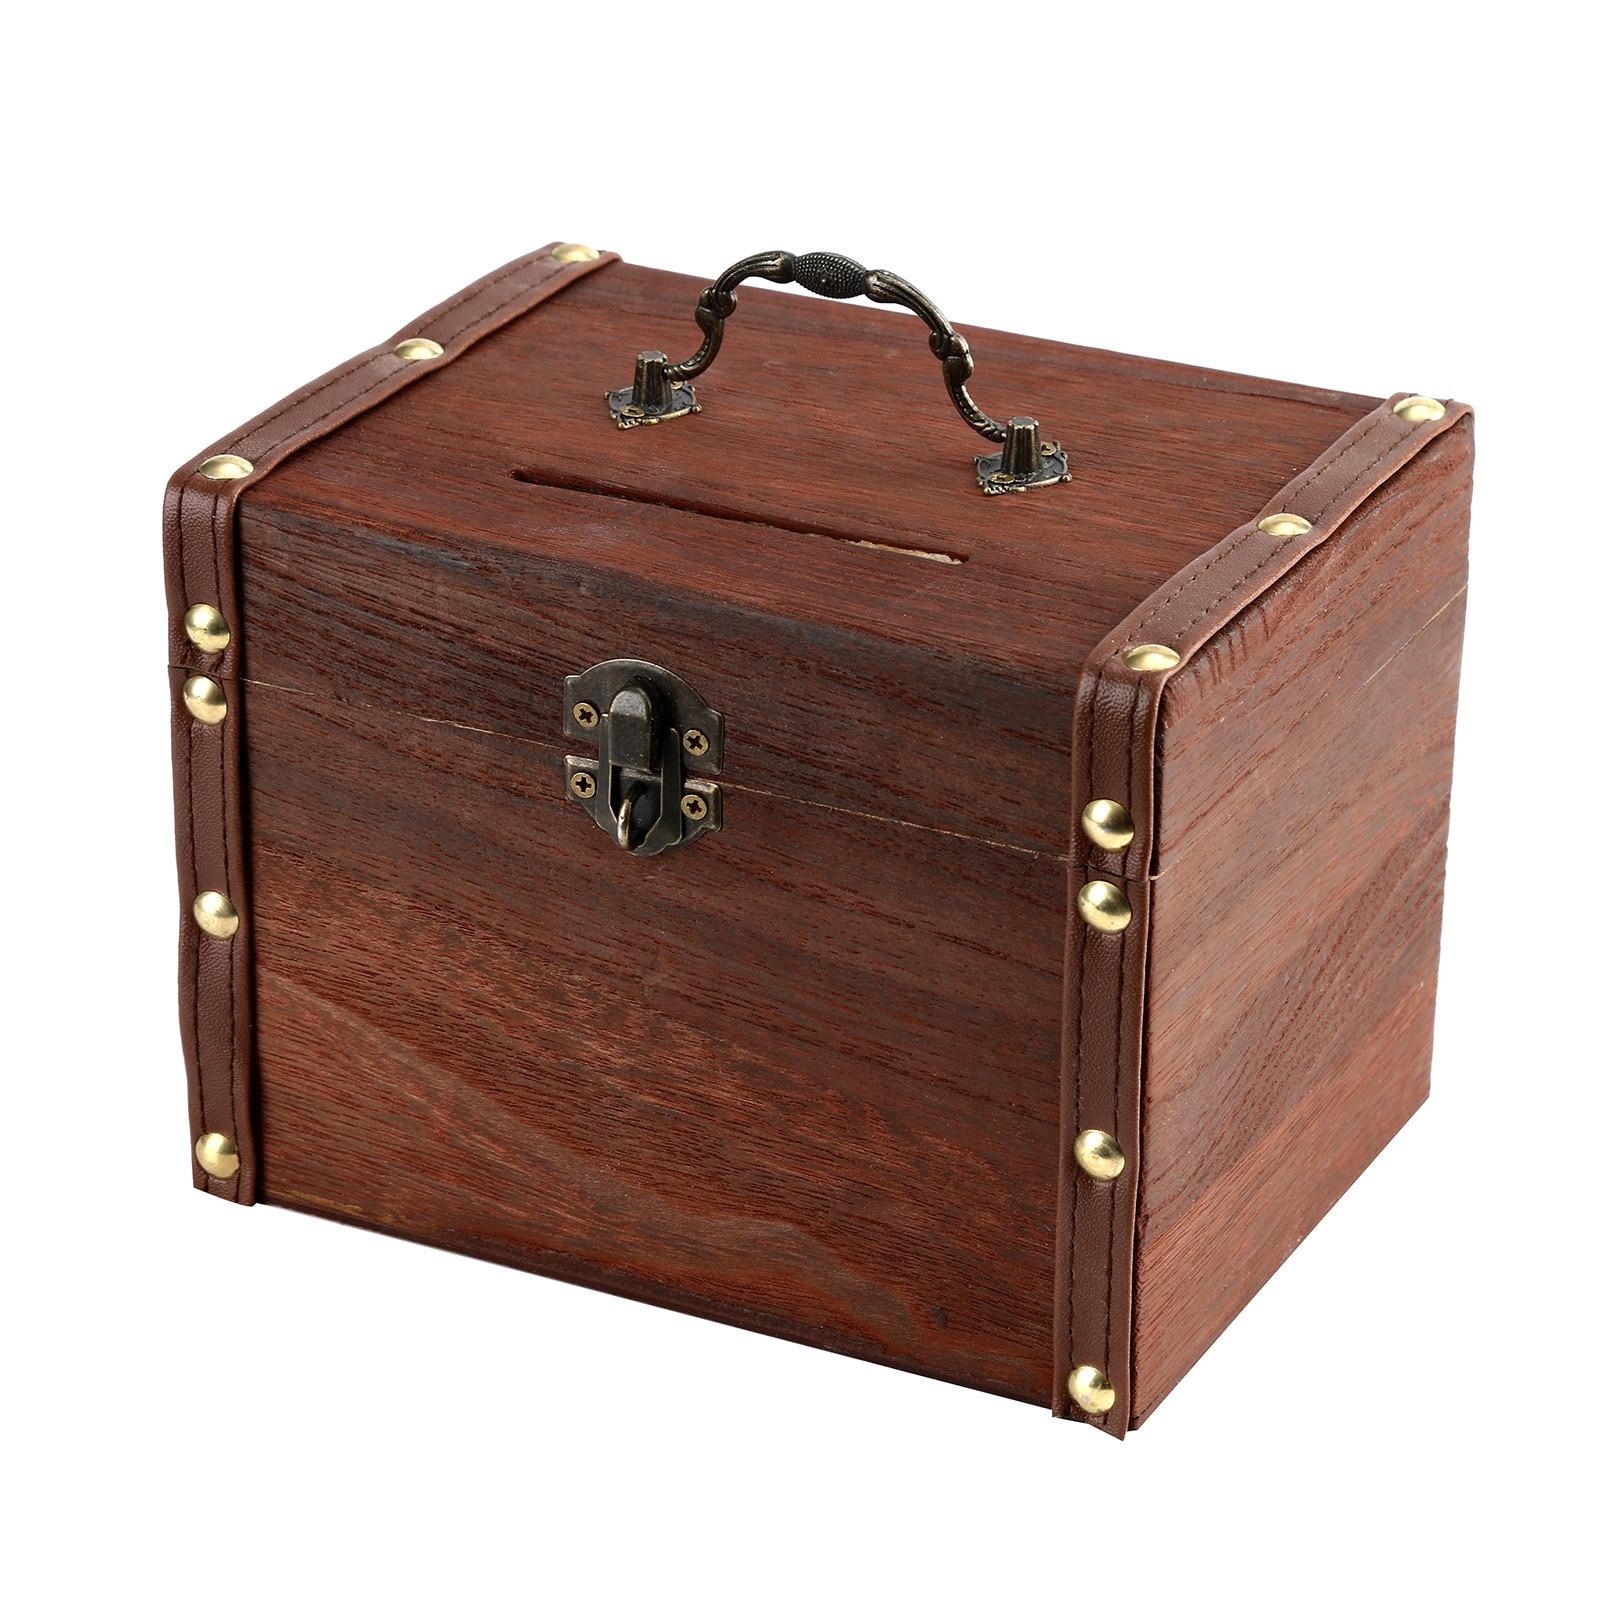 Grande de madeira mealheiro cofre cofre caixa de dinheiro poupança com fechadura escultura em madeira artesanal lendário tesouro caixa organizador marrom